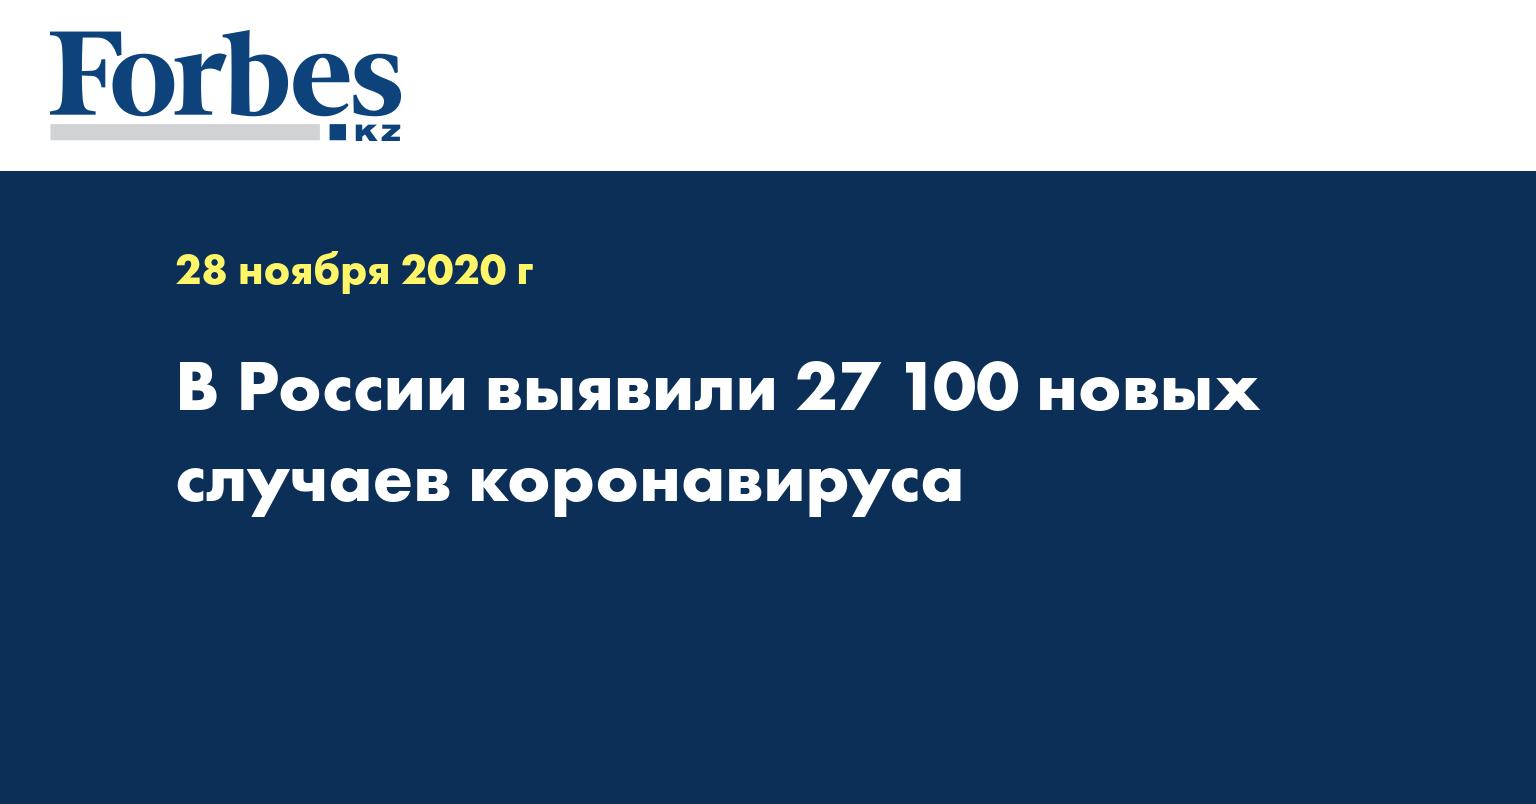 В России выявили 27 100 новых случаев коронавируса